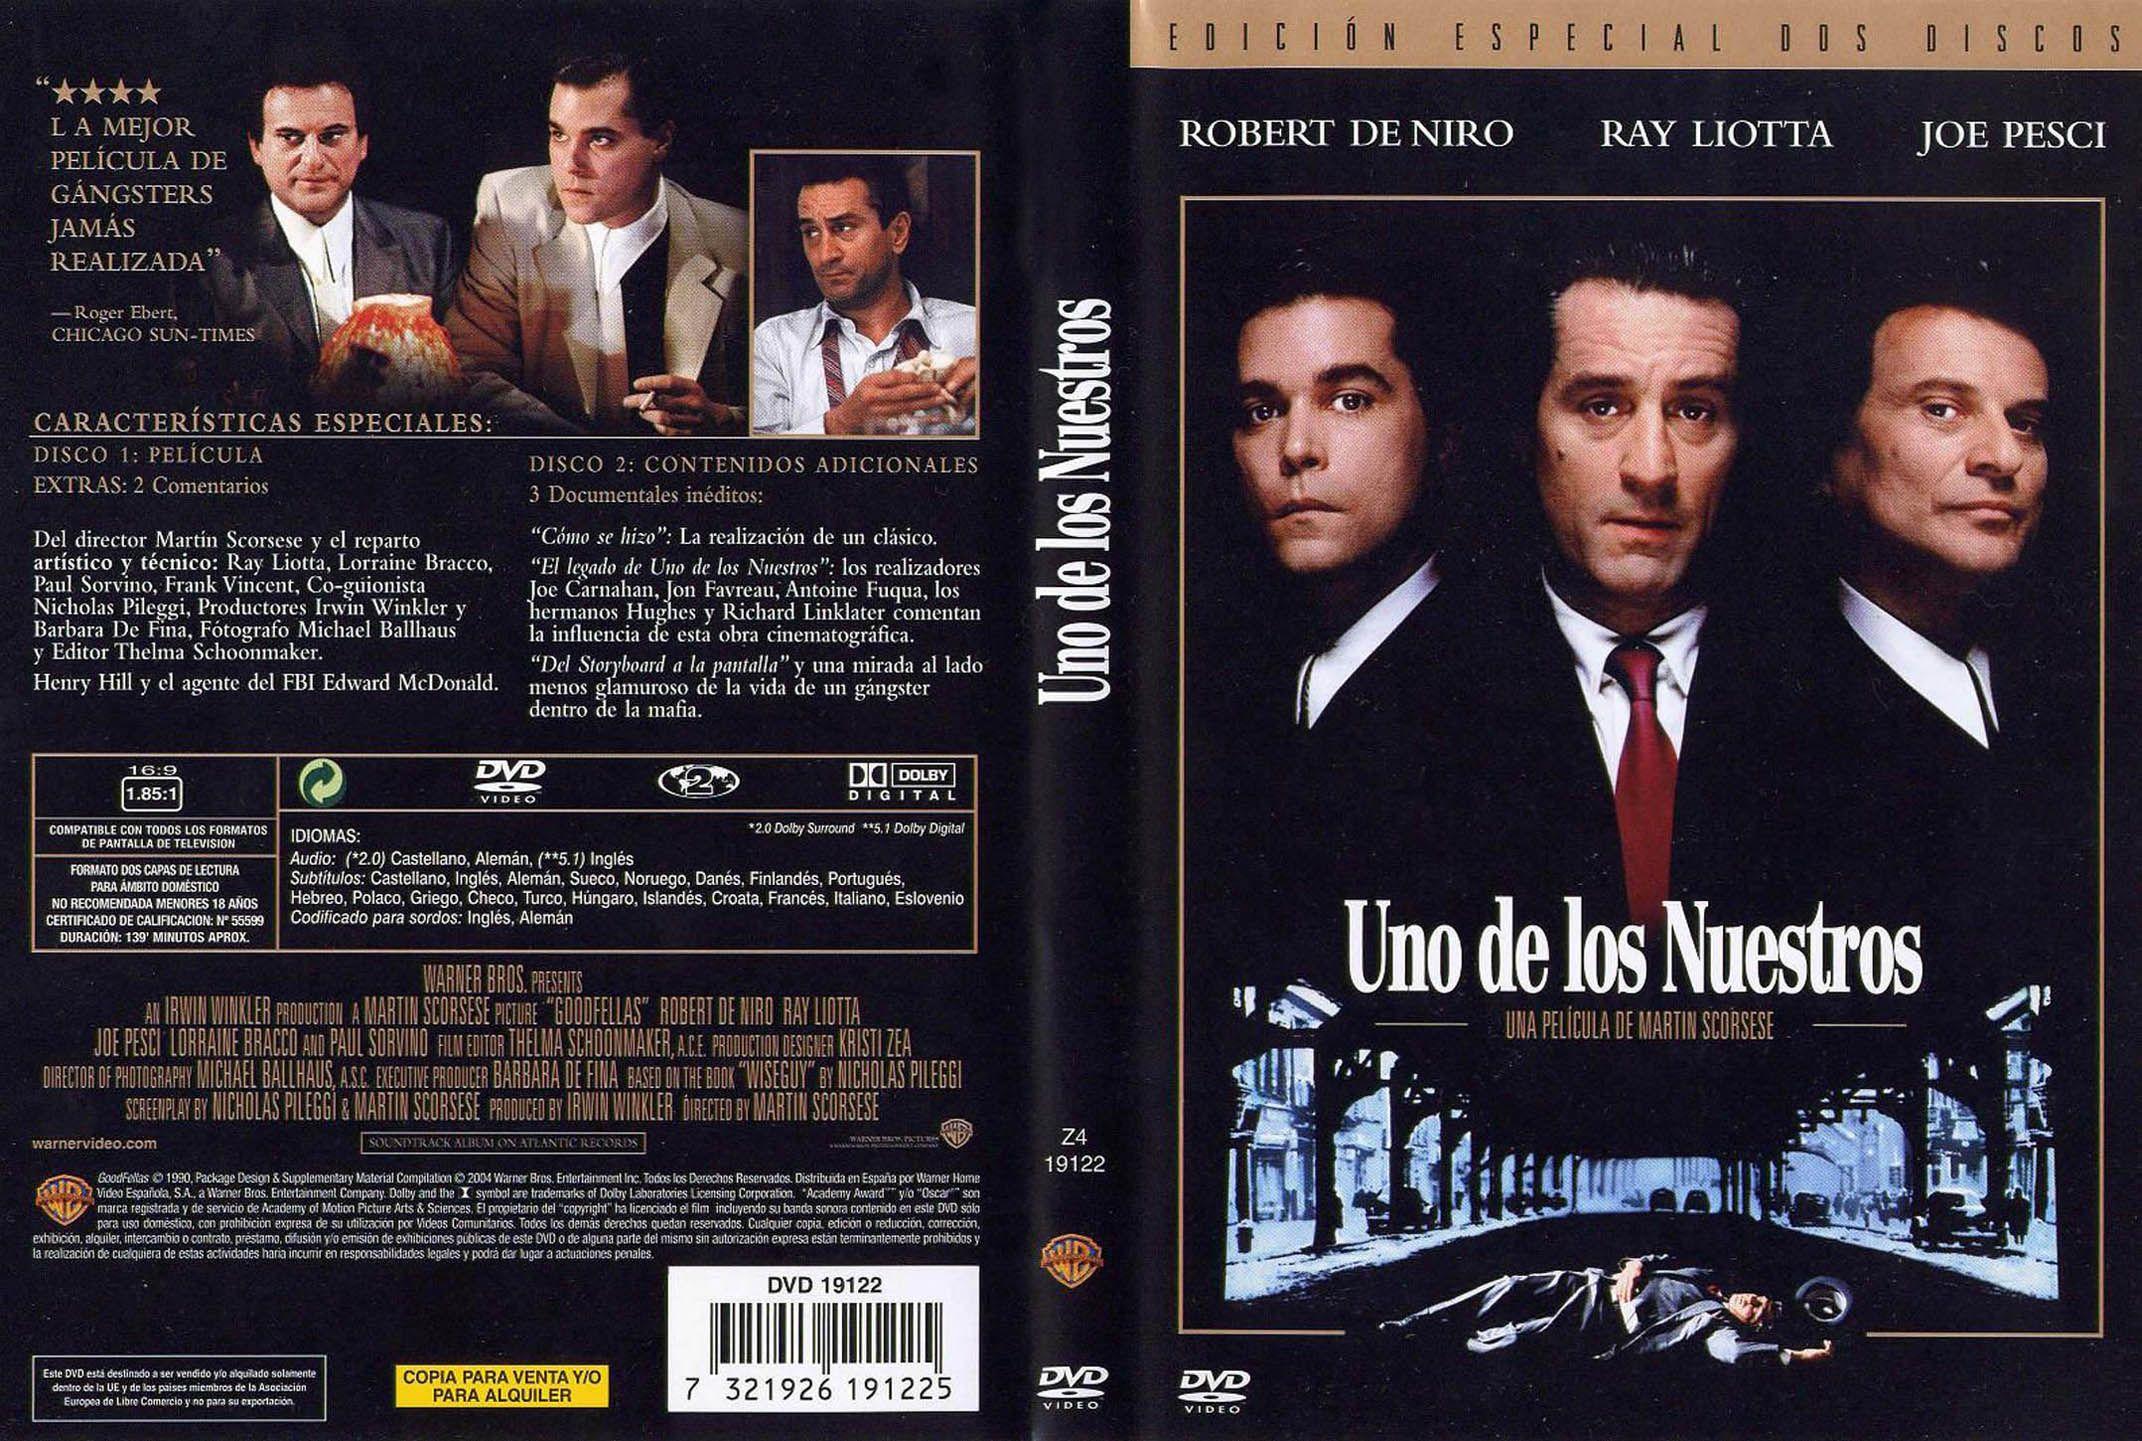 Uno De Los Nuestros Goodfellas Unodelosnuestros Goodfellas Thegoodfellas Robertdeniro Scorsese Raylio Portadas De Películas Ray Liotta Martin Scorsese